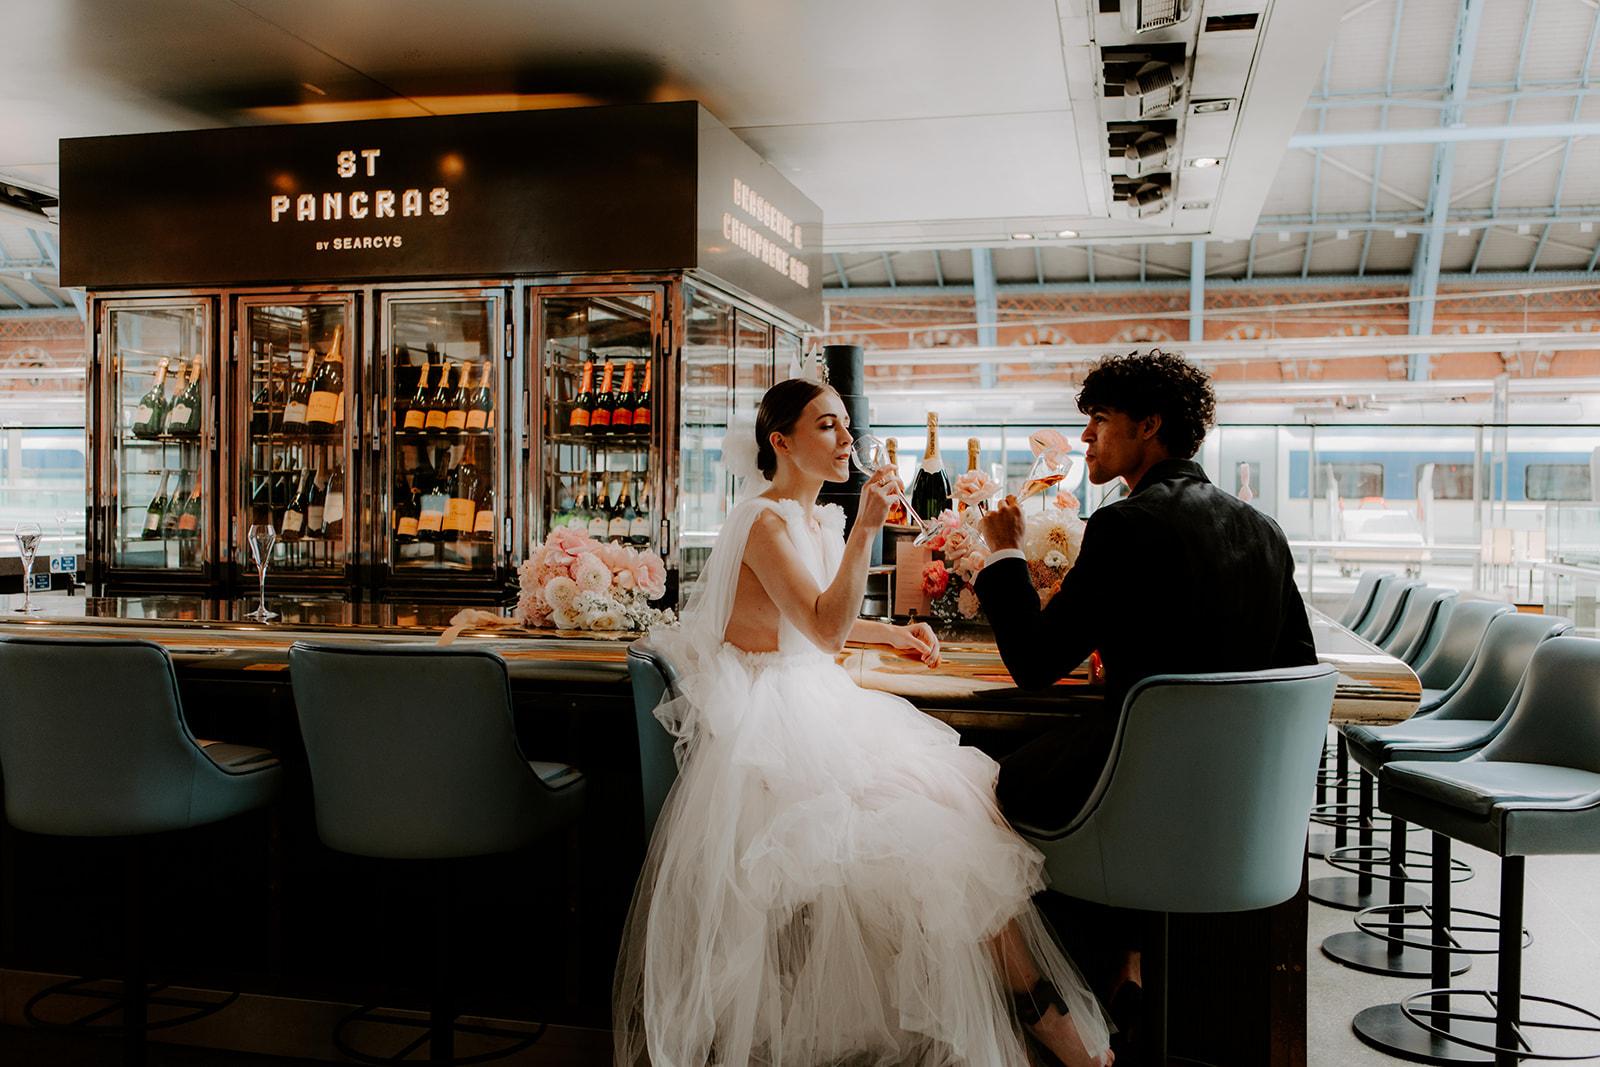 Venues for Weddings in London, London Wedding Venues, London Weddings